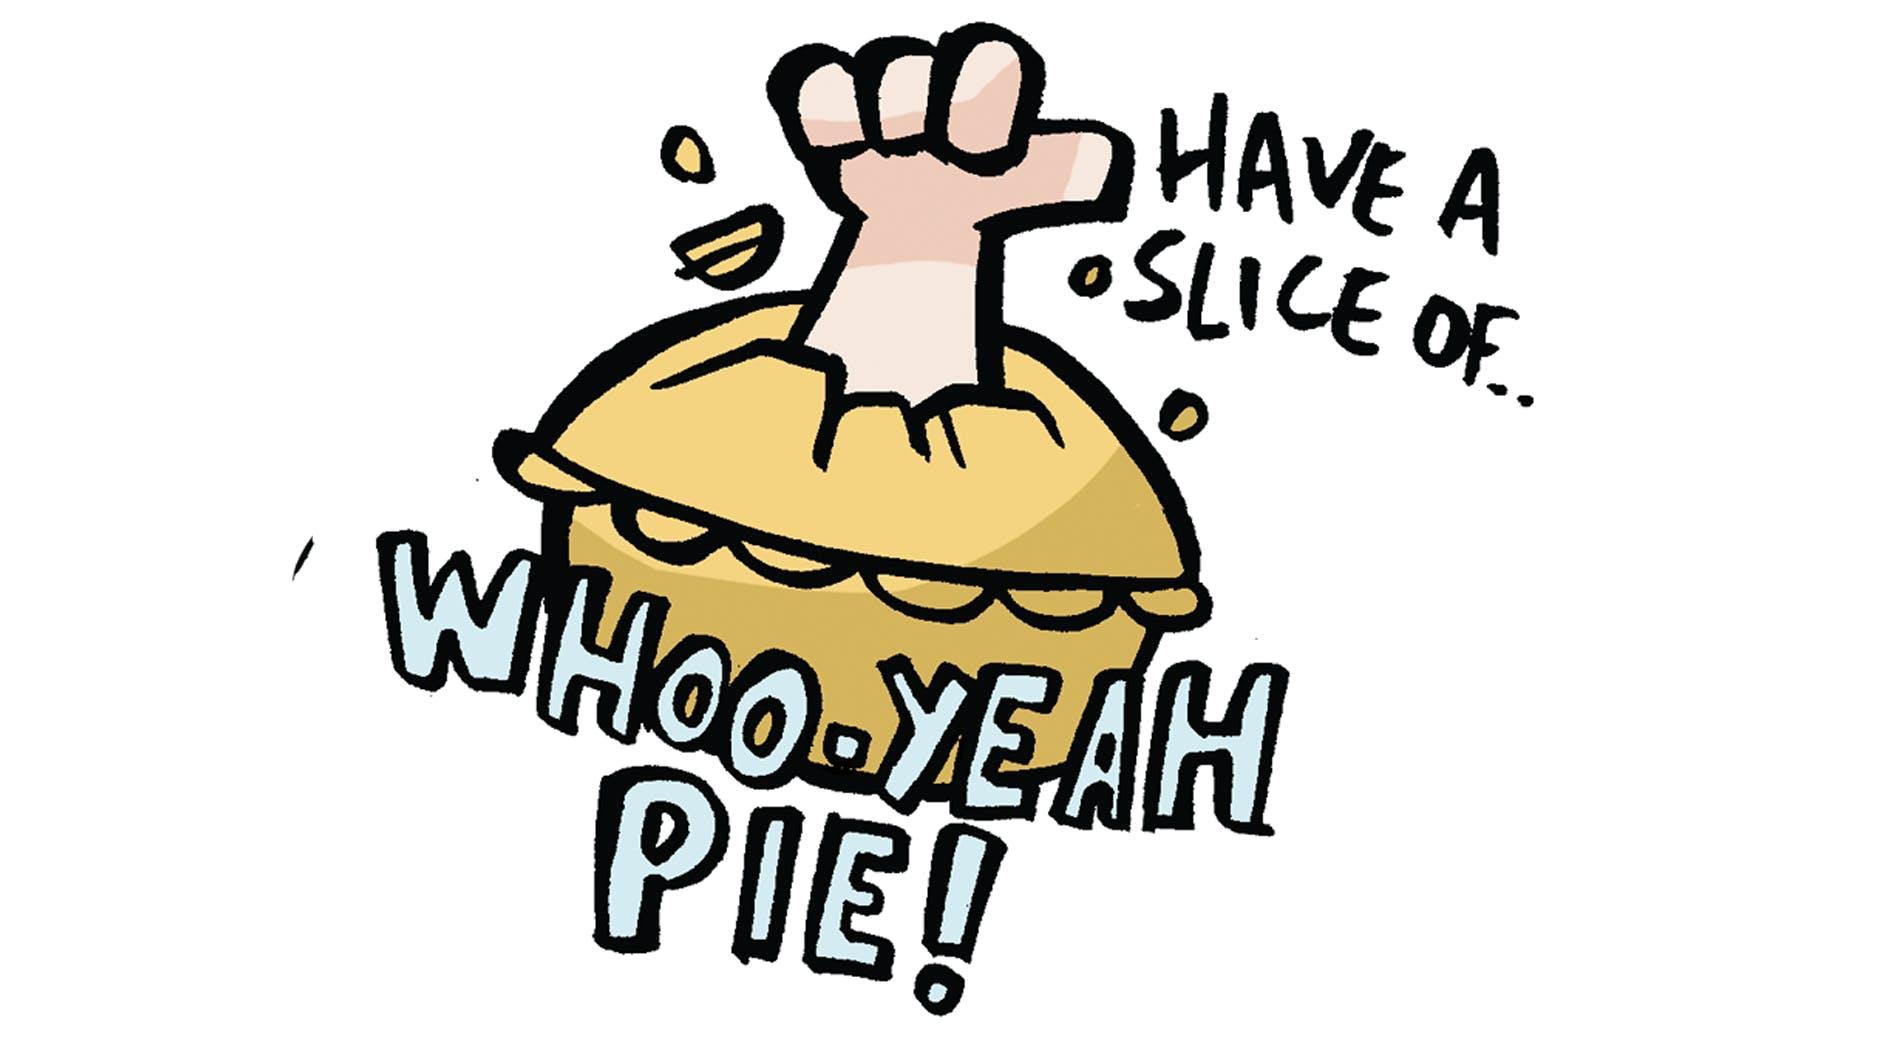 Whoo-Yeavh pie!